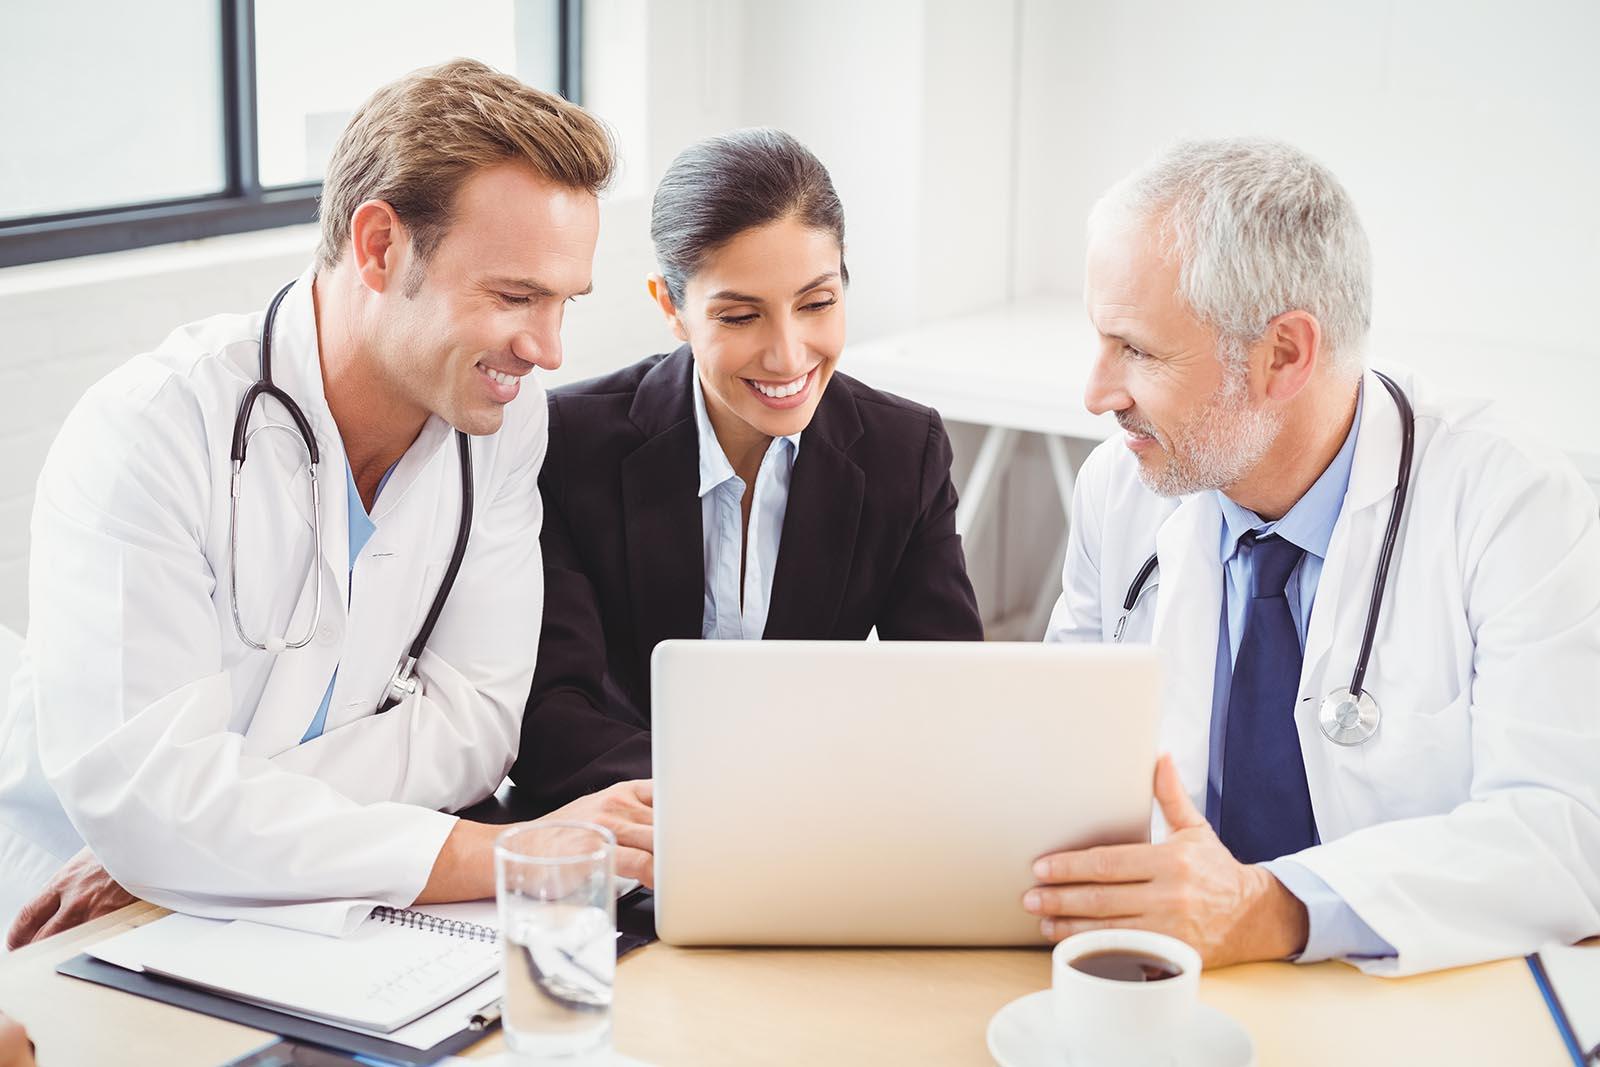 Két orvos és egy menedzsernő konzultál